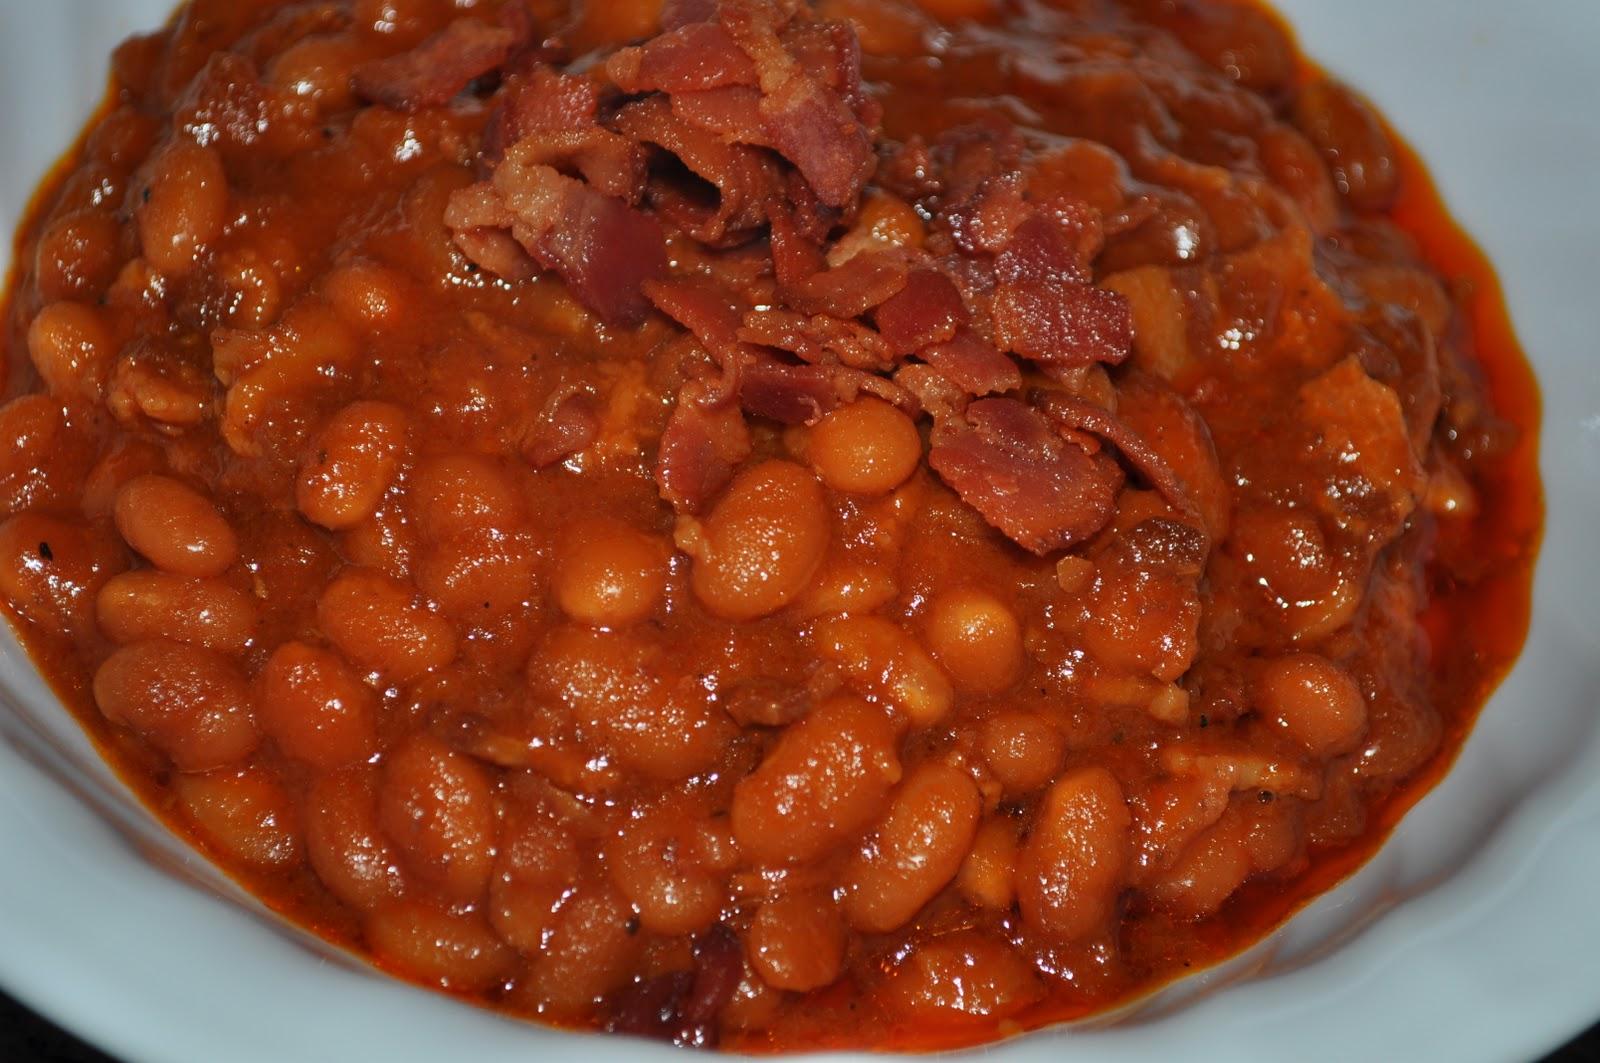 baked beans baked beans in the crock pot bark s baked beans grandma ...